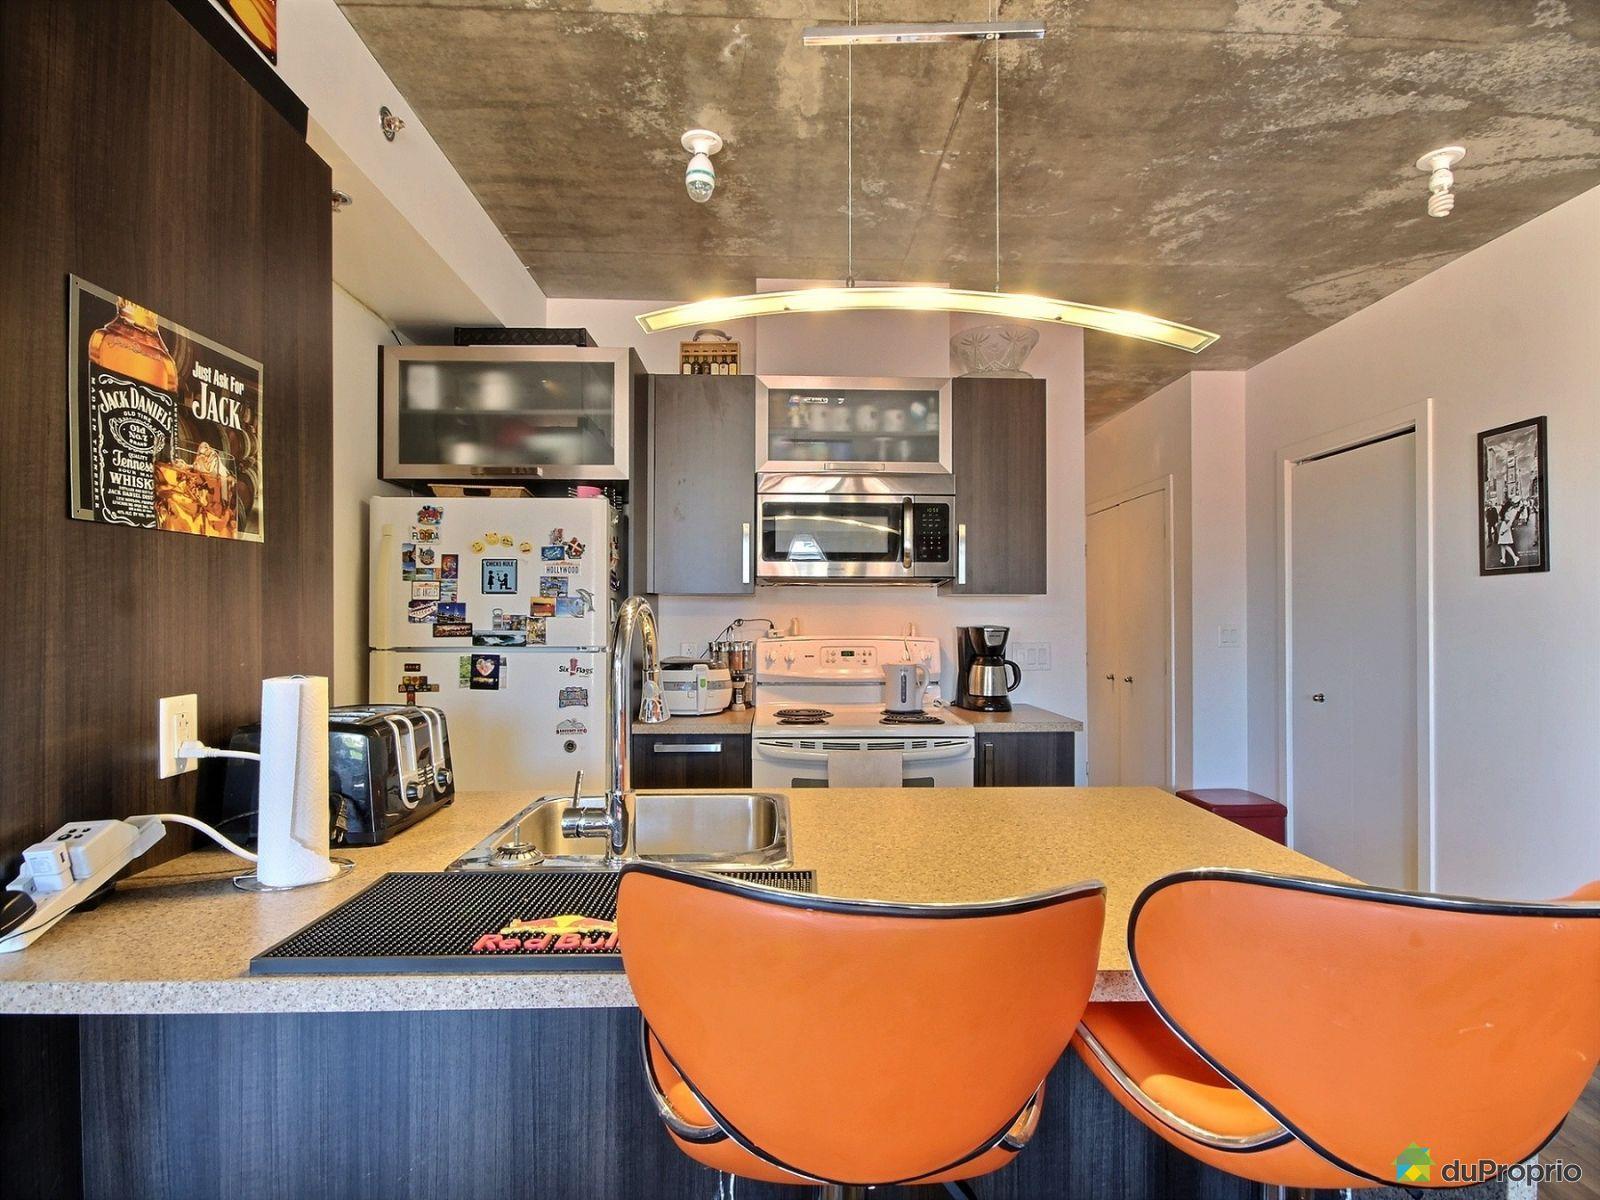 #B35218 Condo à Vendre Montréal 406 2160 Rue Laforce Immobilier  3891 salle a manger pas cher montreal 1600x1200 px @ aertt.com